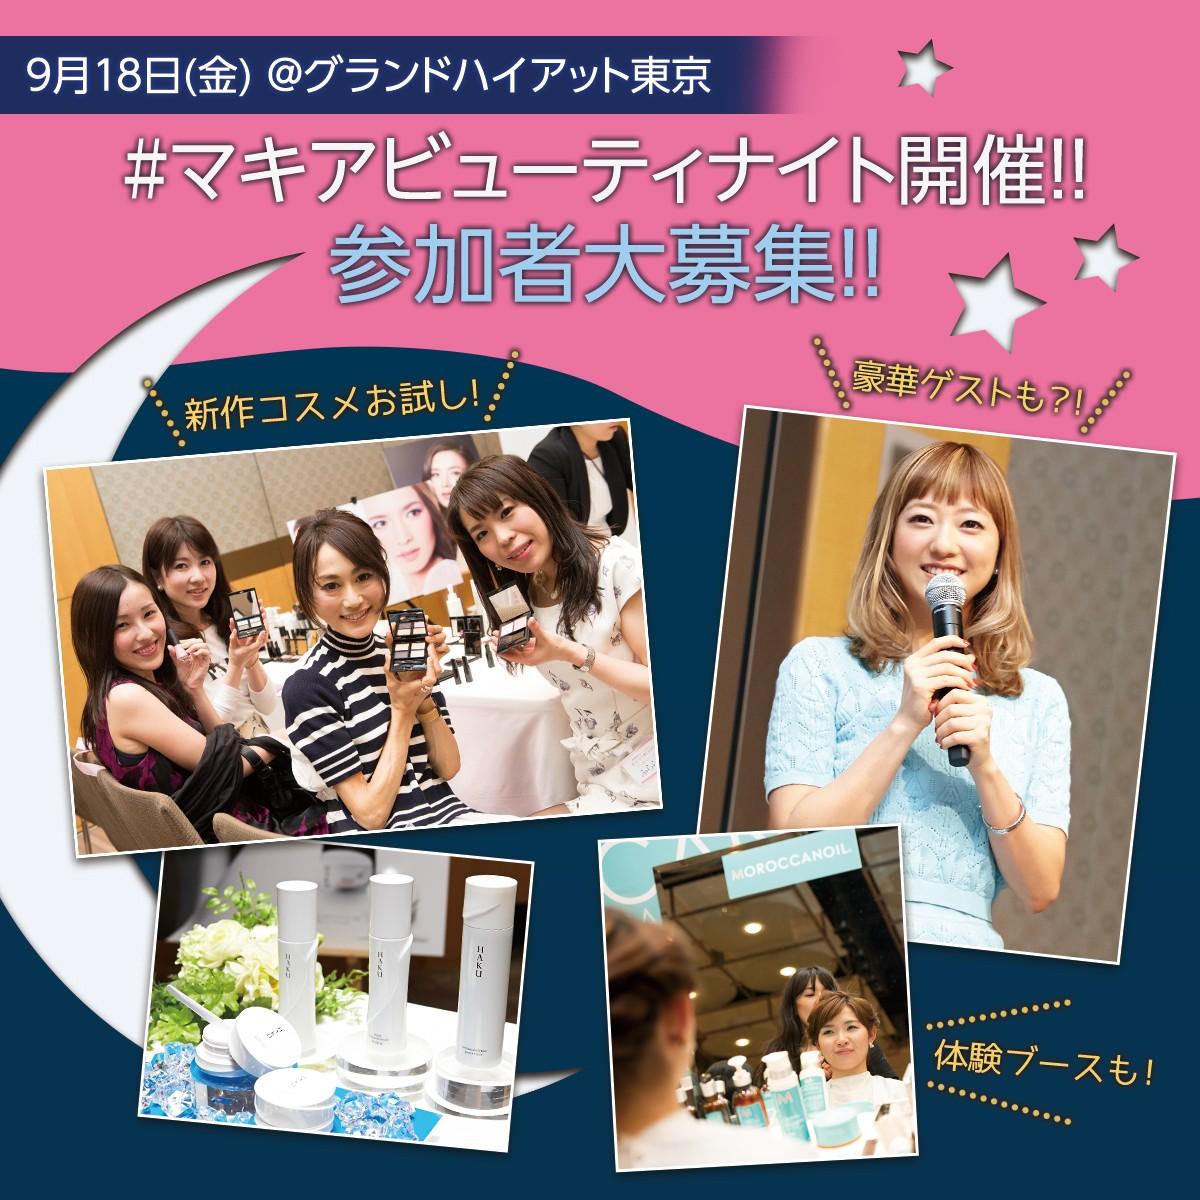 2015年9月18日(金)開催決定! 【#マキアビューティナイト、参加者募集!】